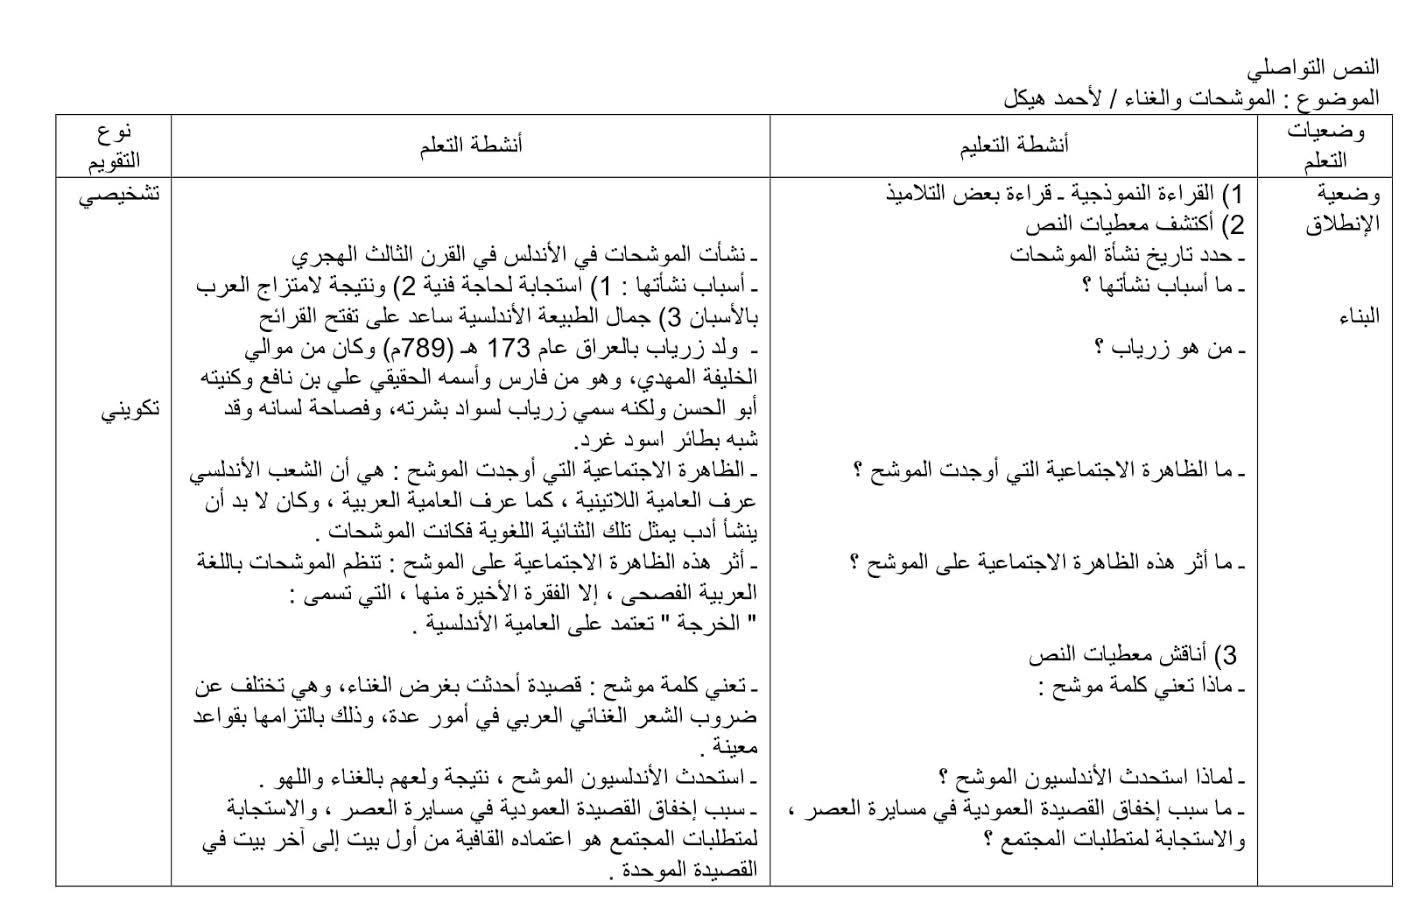 تحضير نص الموشحات والغناء 2 ثانوي علمي صفحة 153 من الكتاب المدرسي